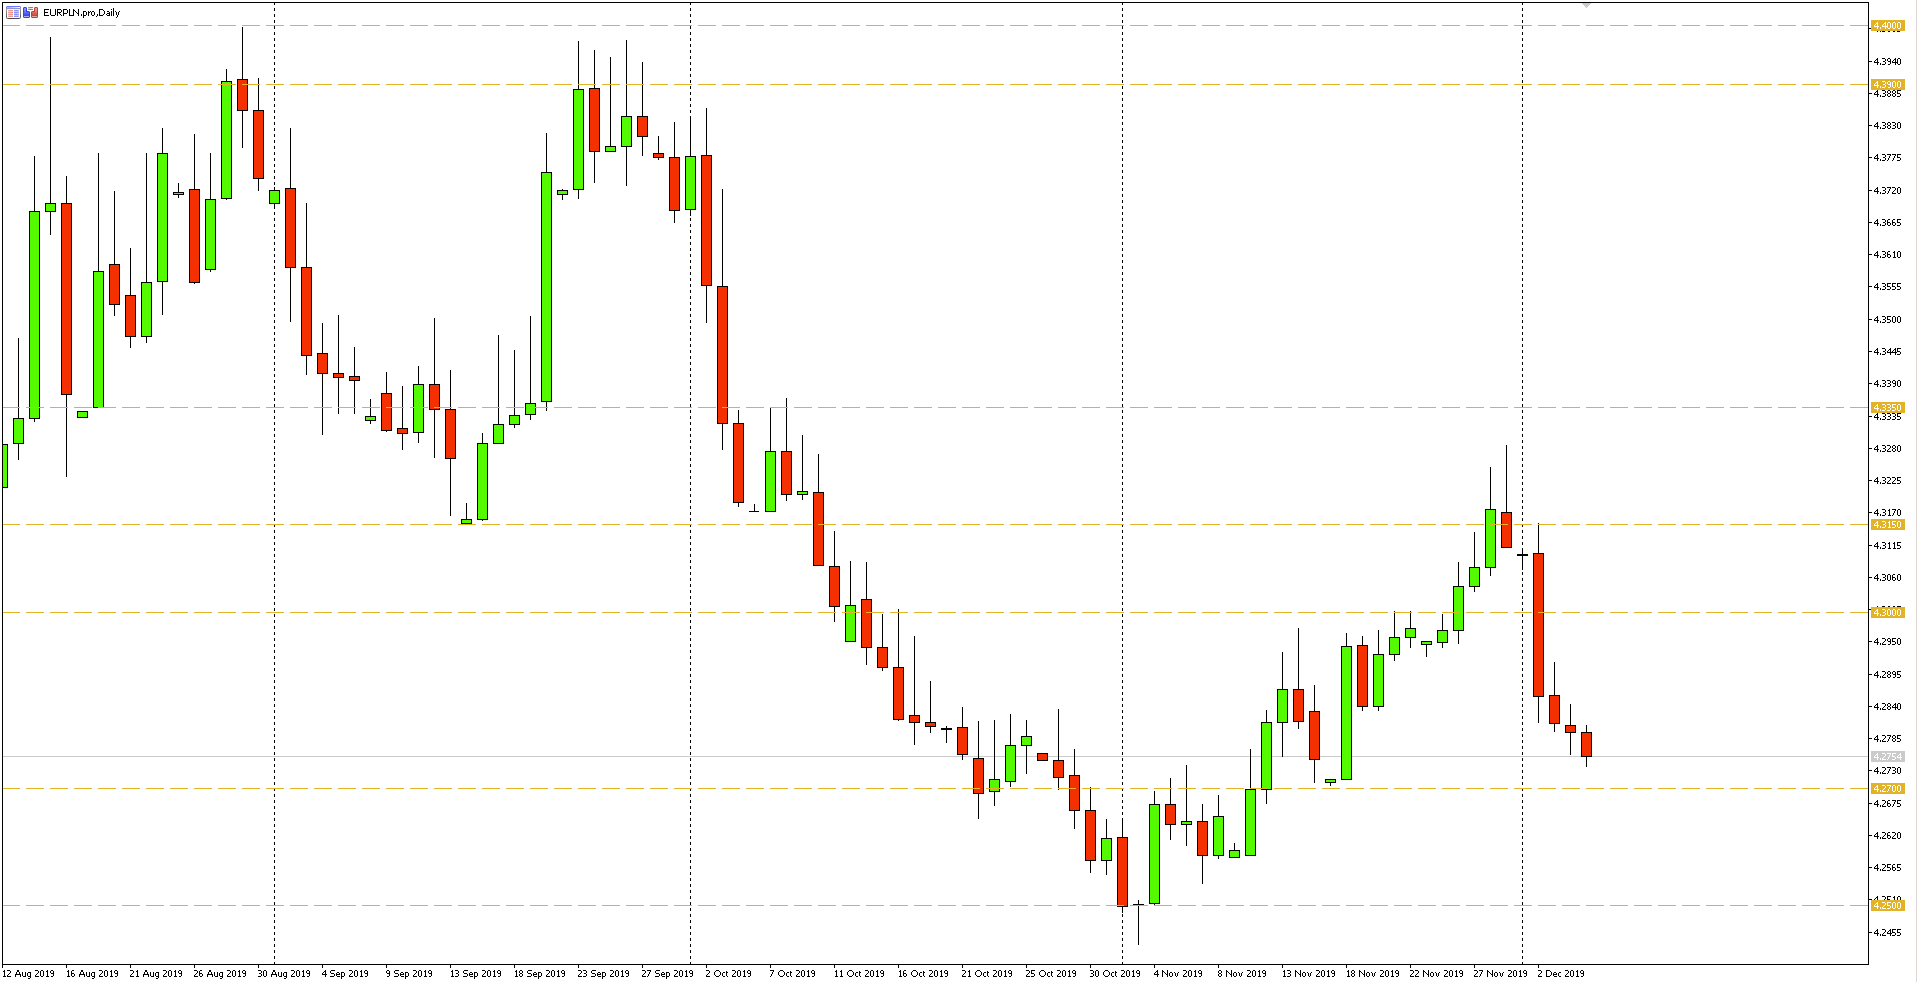 Wykres dzienny pary walutowej EURPLN - 05.12.2019 r.